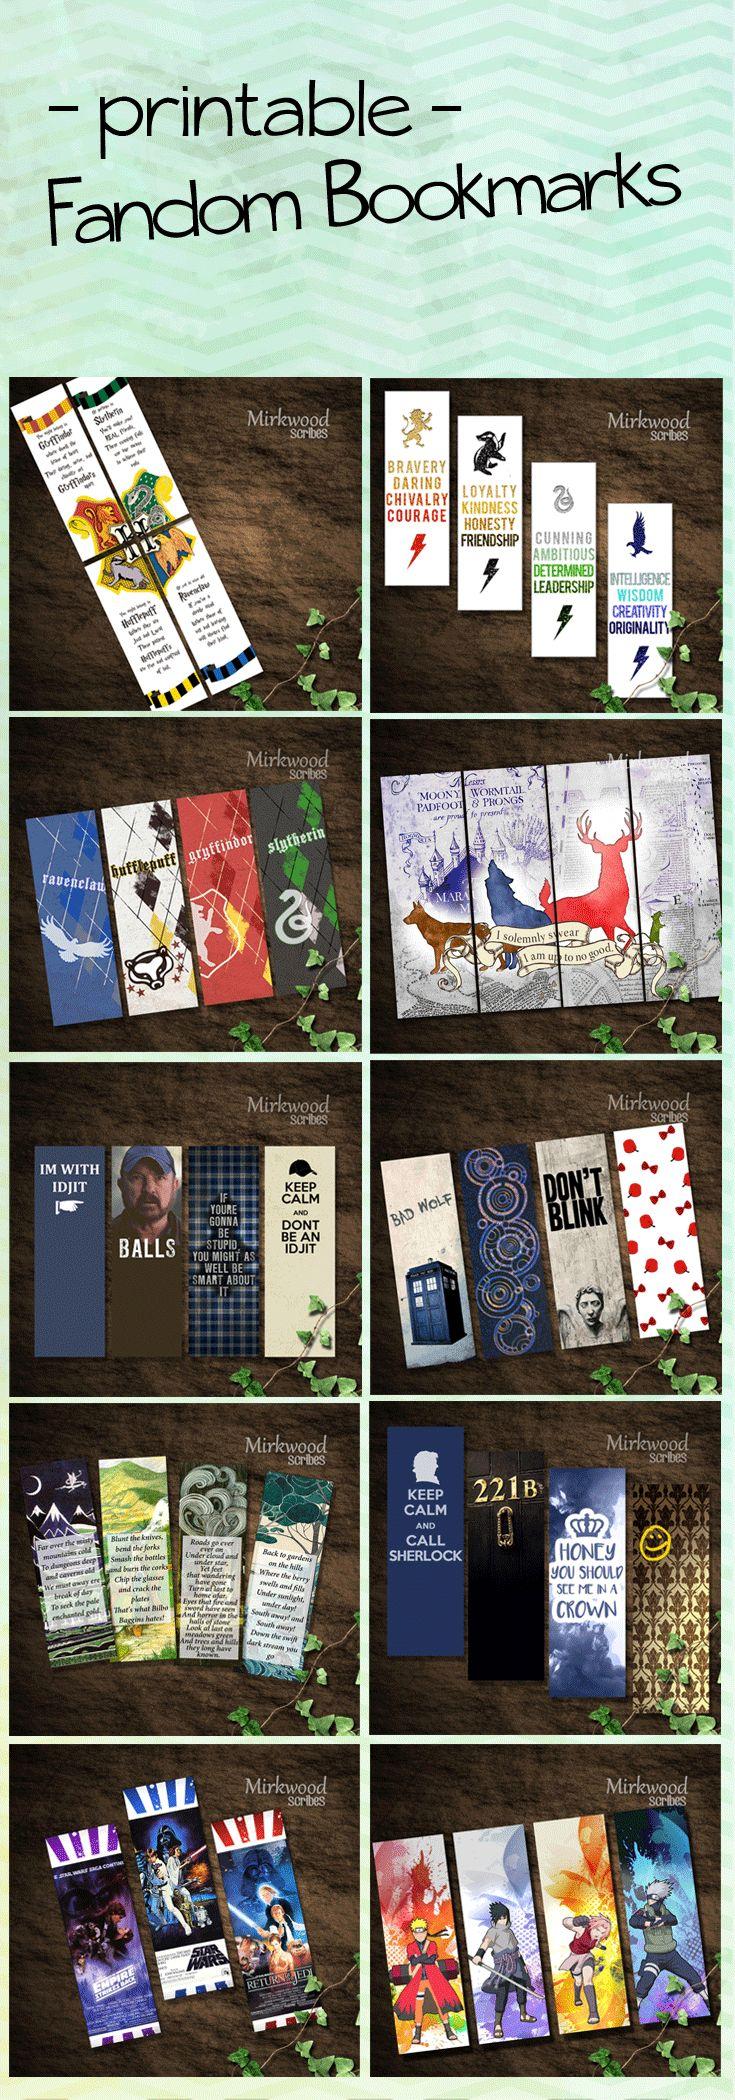 Printable Fandom Bookmarks! Idea: se le puede poner cintas con dijes representativos de cada casa